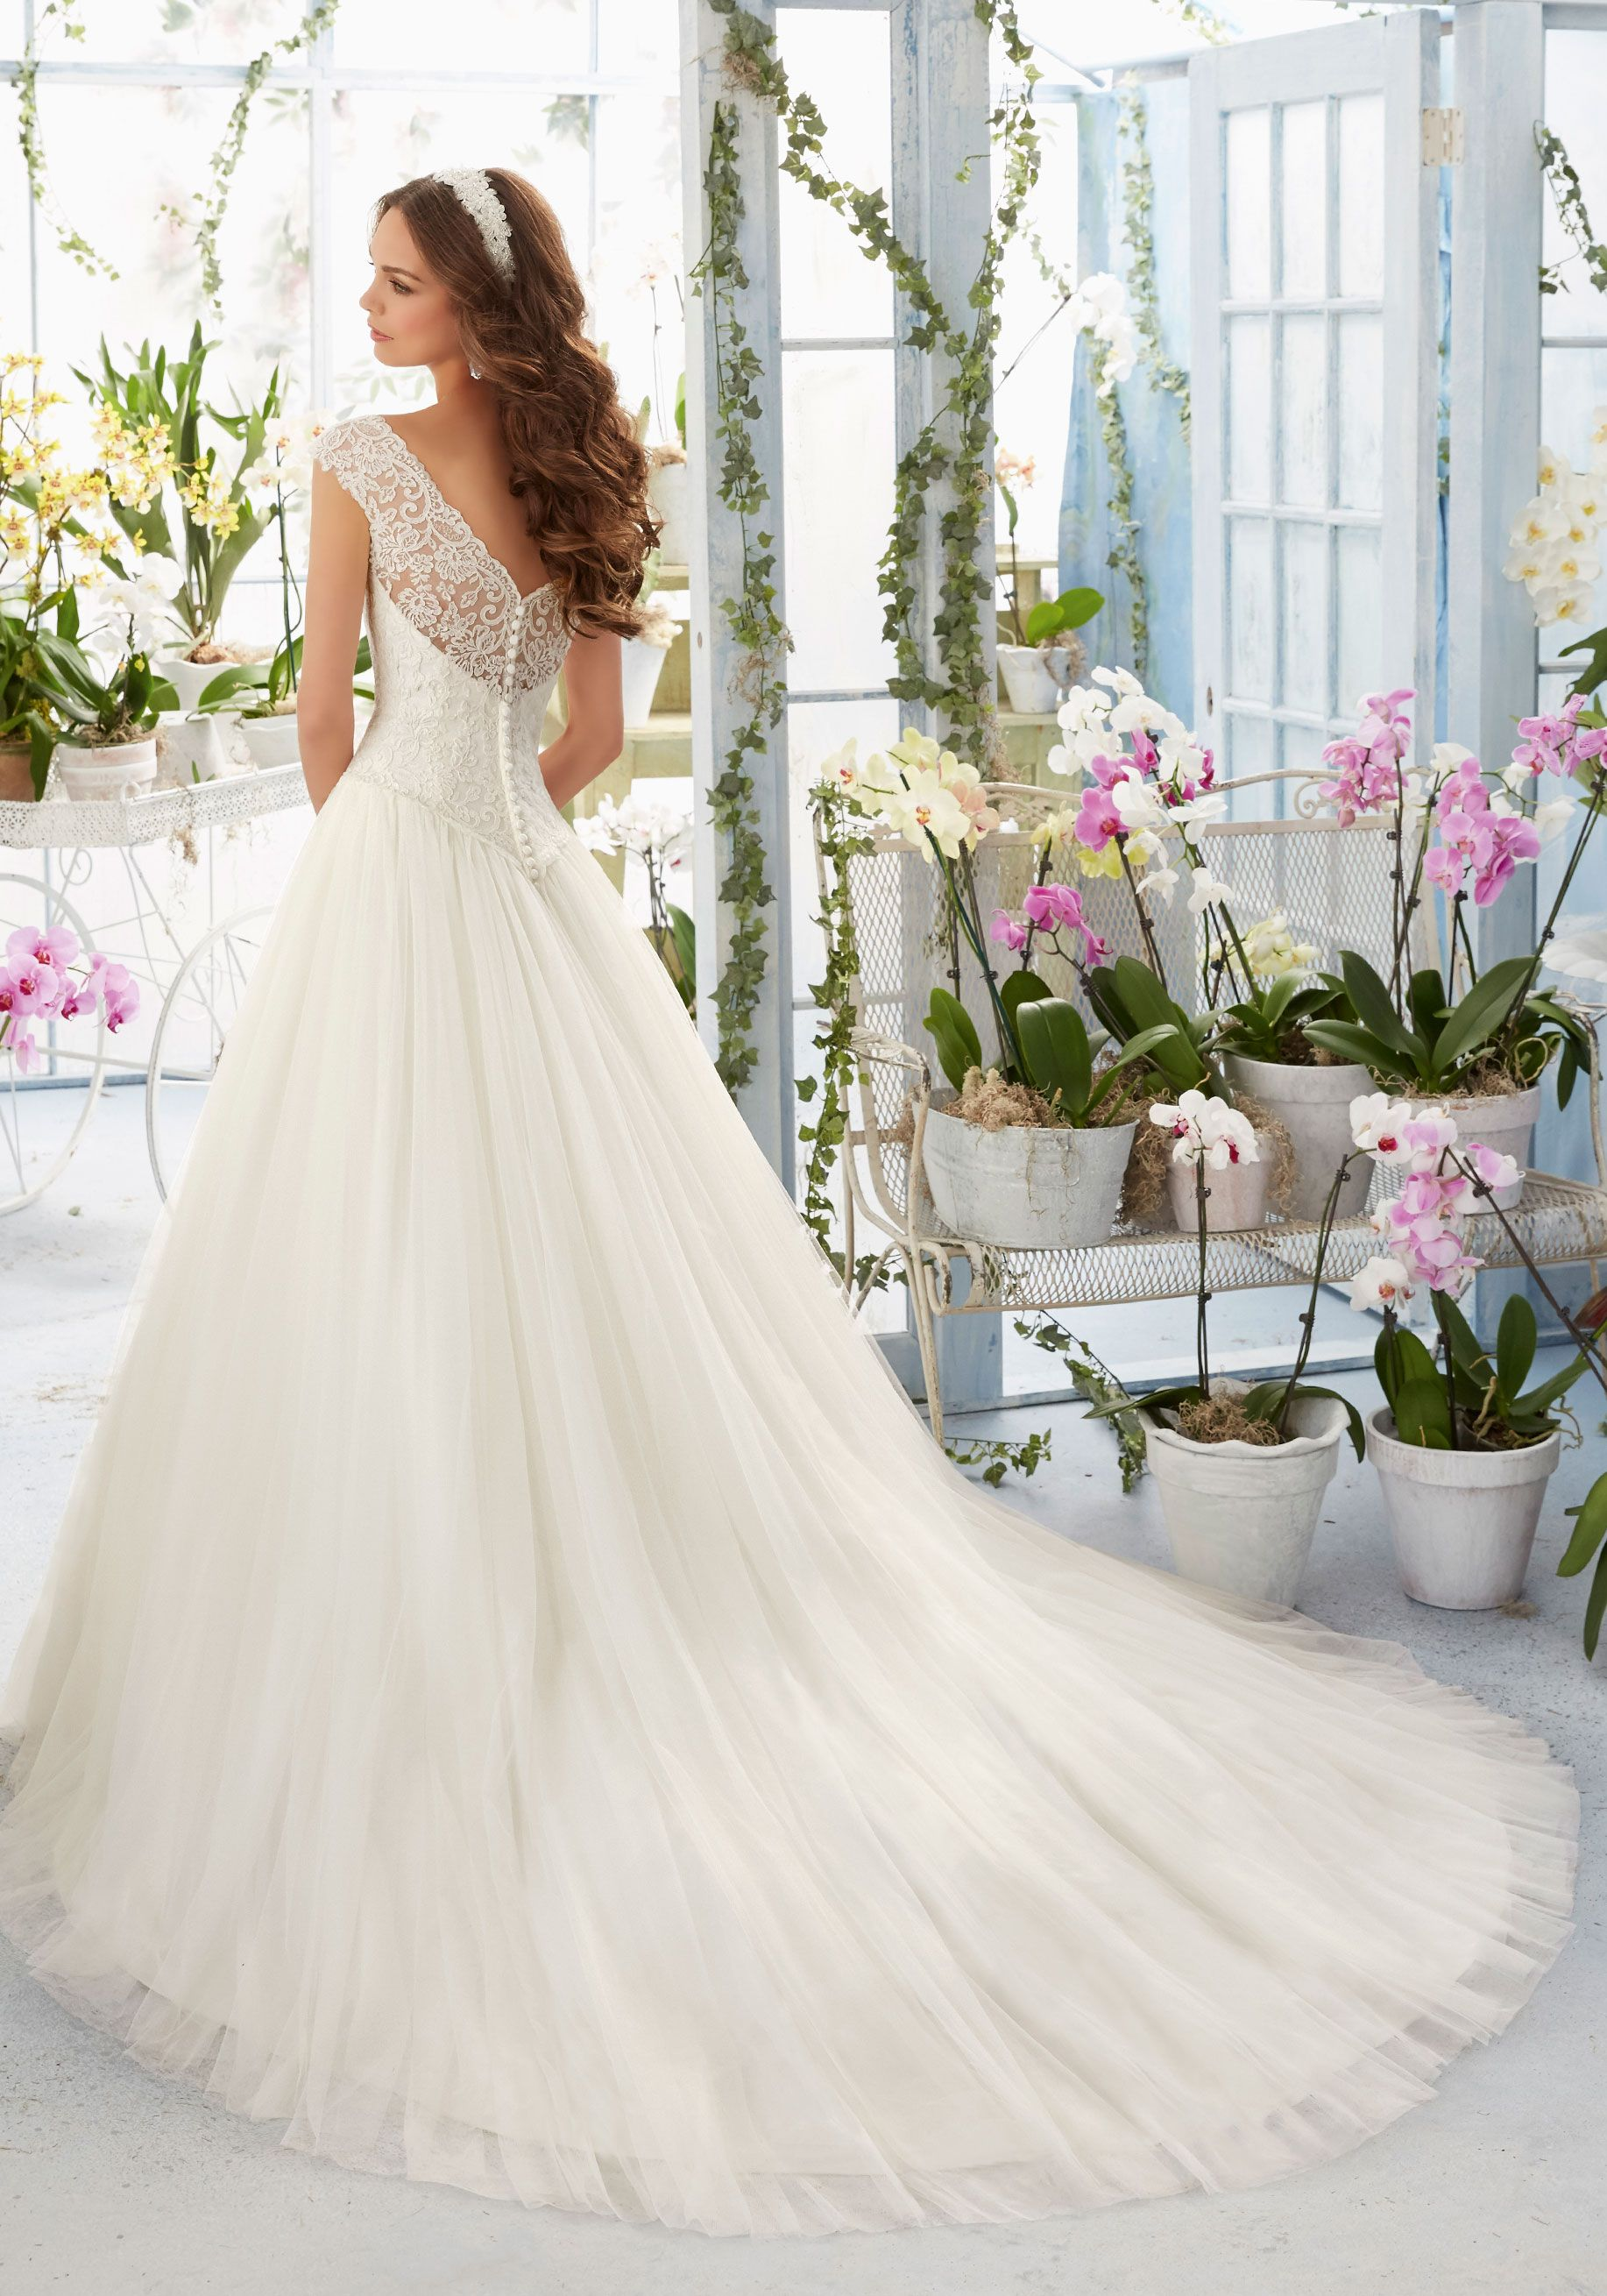 Gestickte Spitze überlagert das Bateau-Oberteil auf dem weichen Netz Morilee Bridal Wedding Dress   Morilee